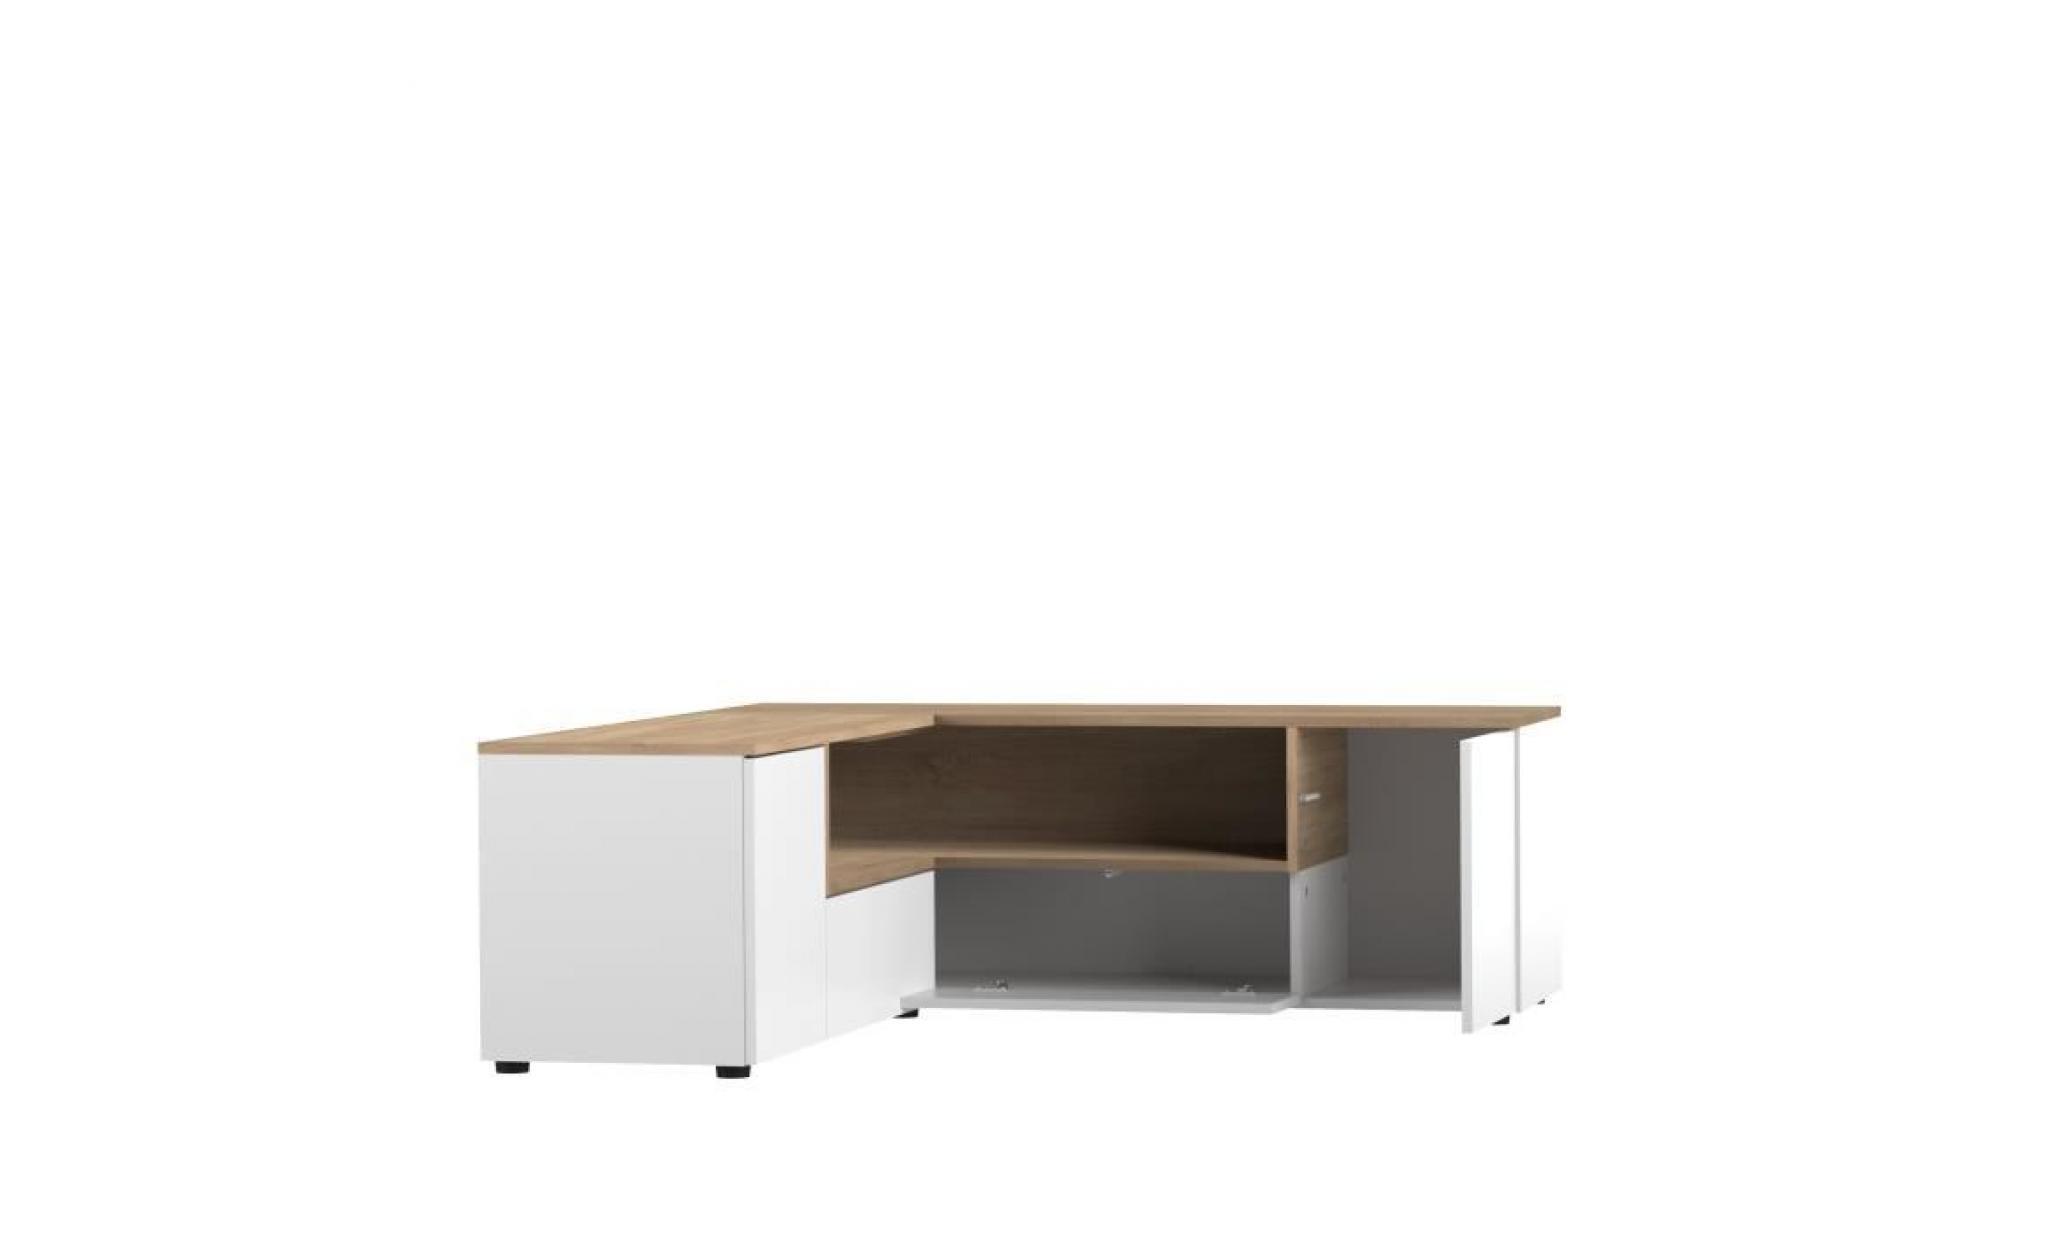 meuble tv d angle 130x130x46 cm blanc et chene squar achat vente meuble tv pas cher couleur et design fr